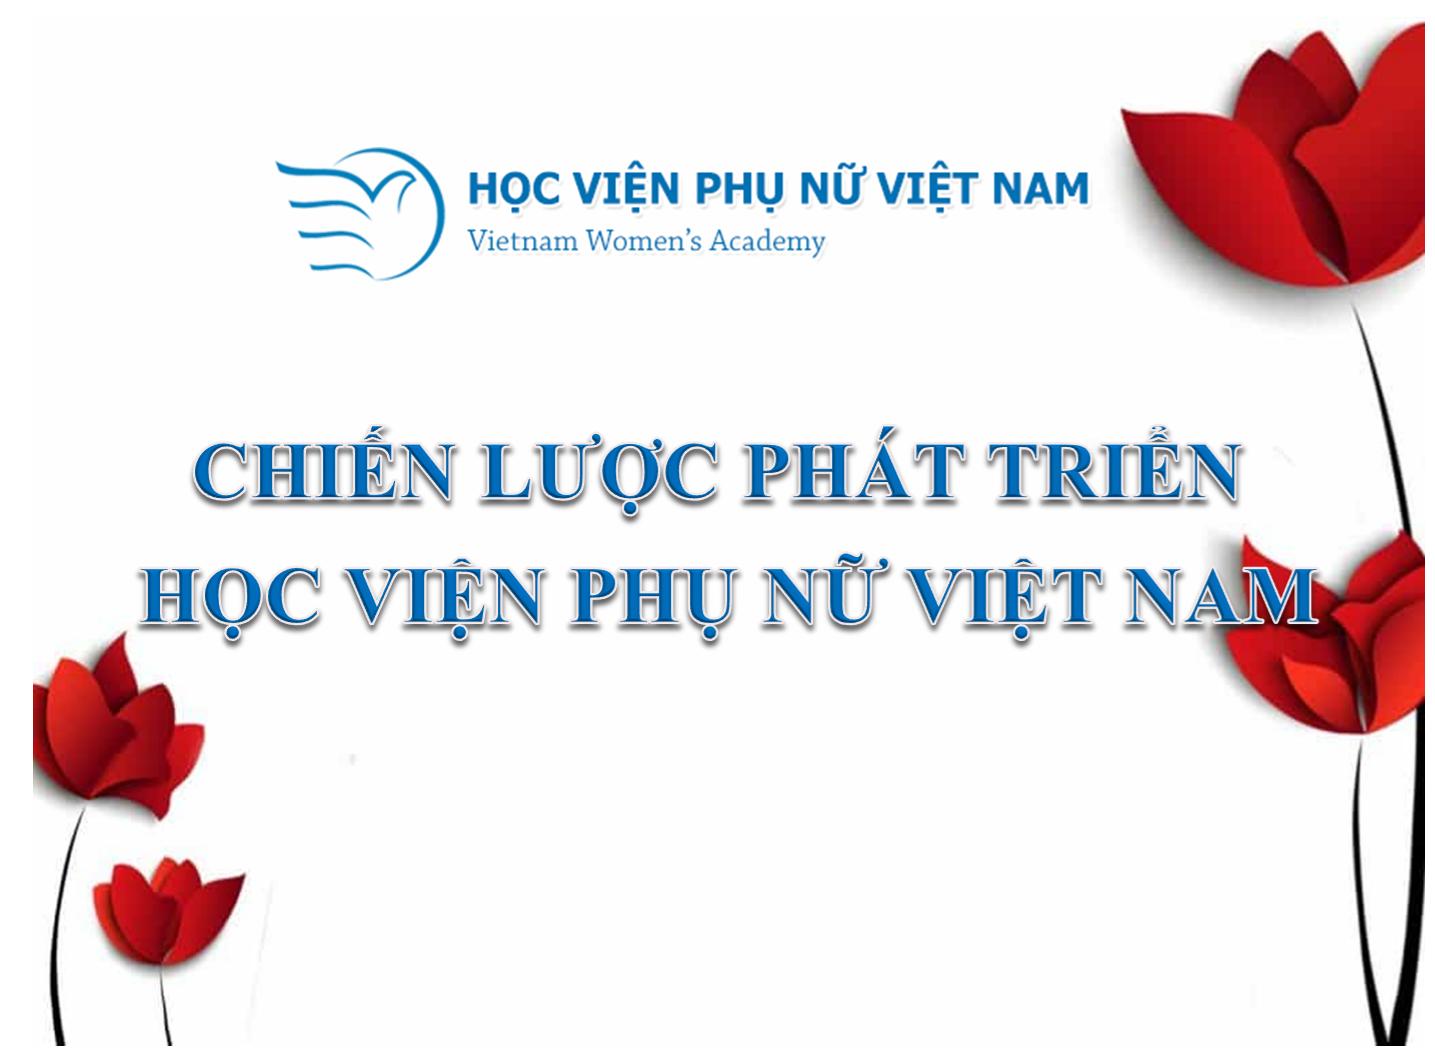 Trích lục Chiến lược phát triển Học viện Phụ nữ Việt Nam